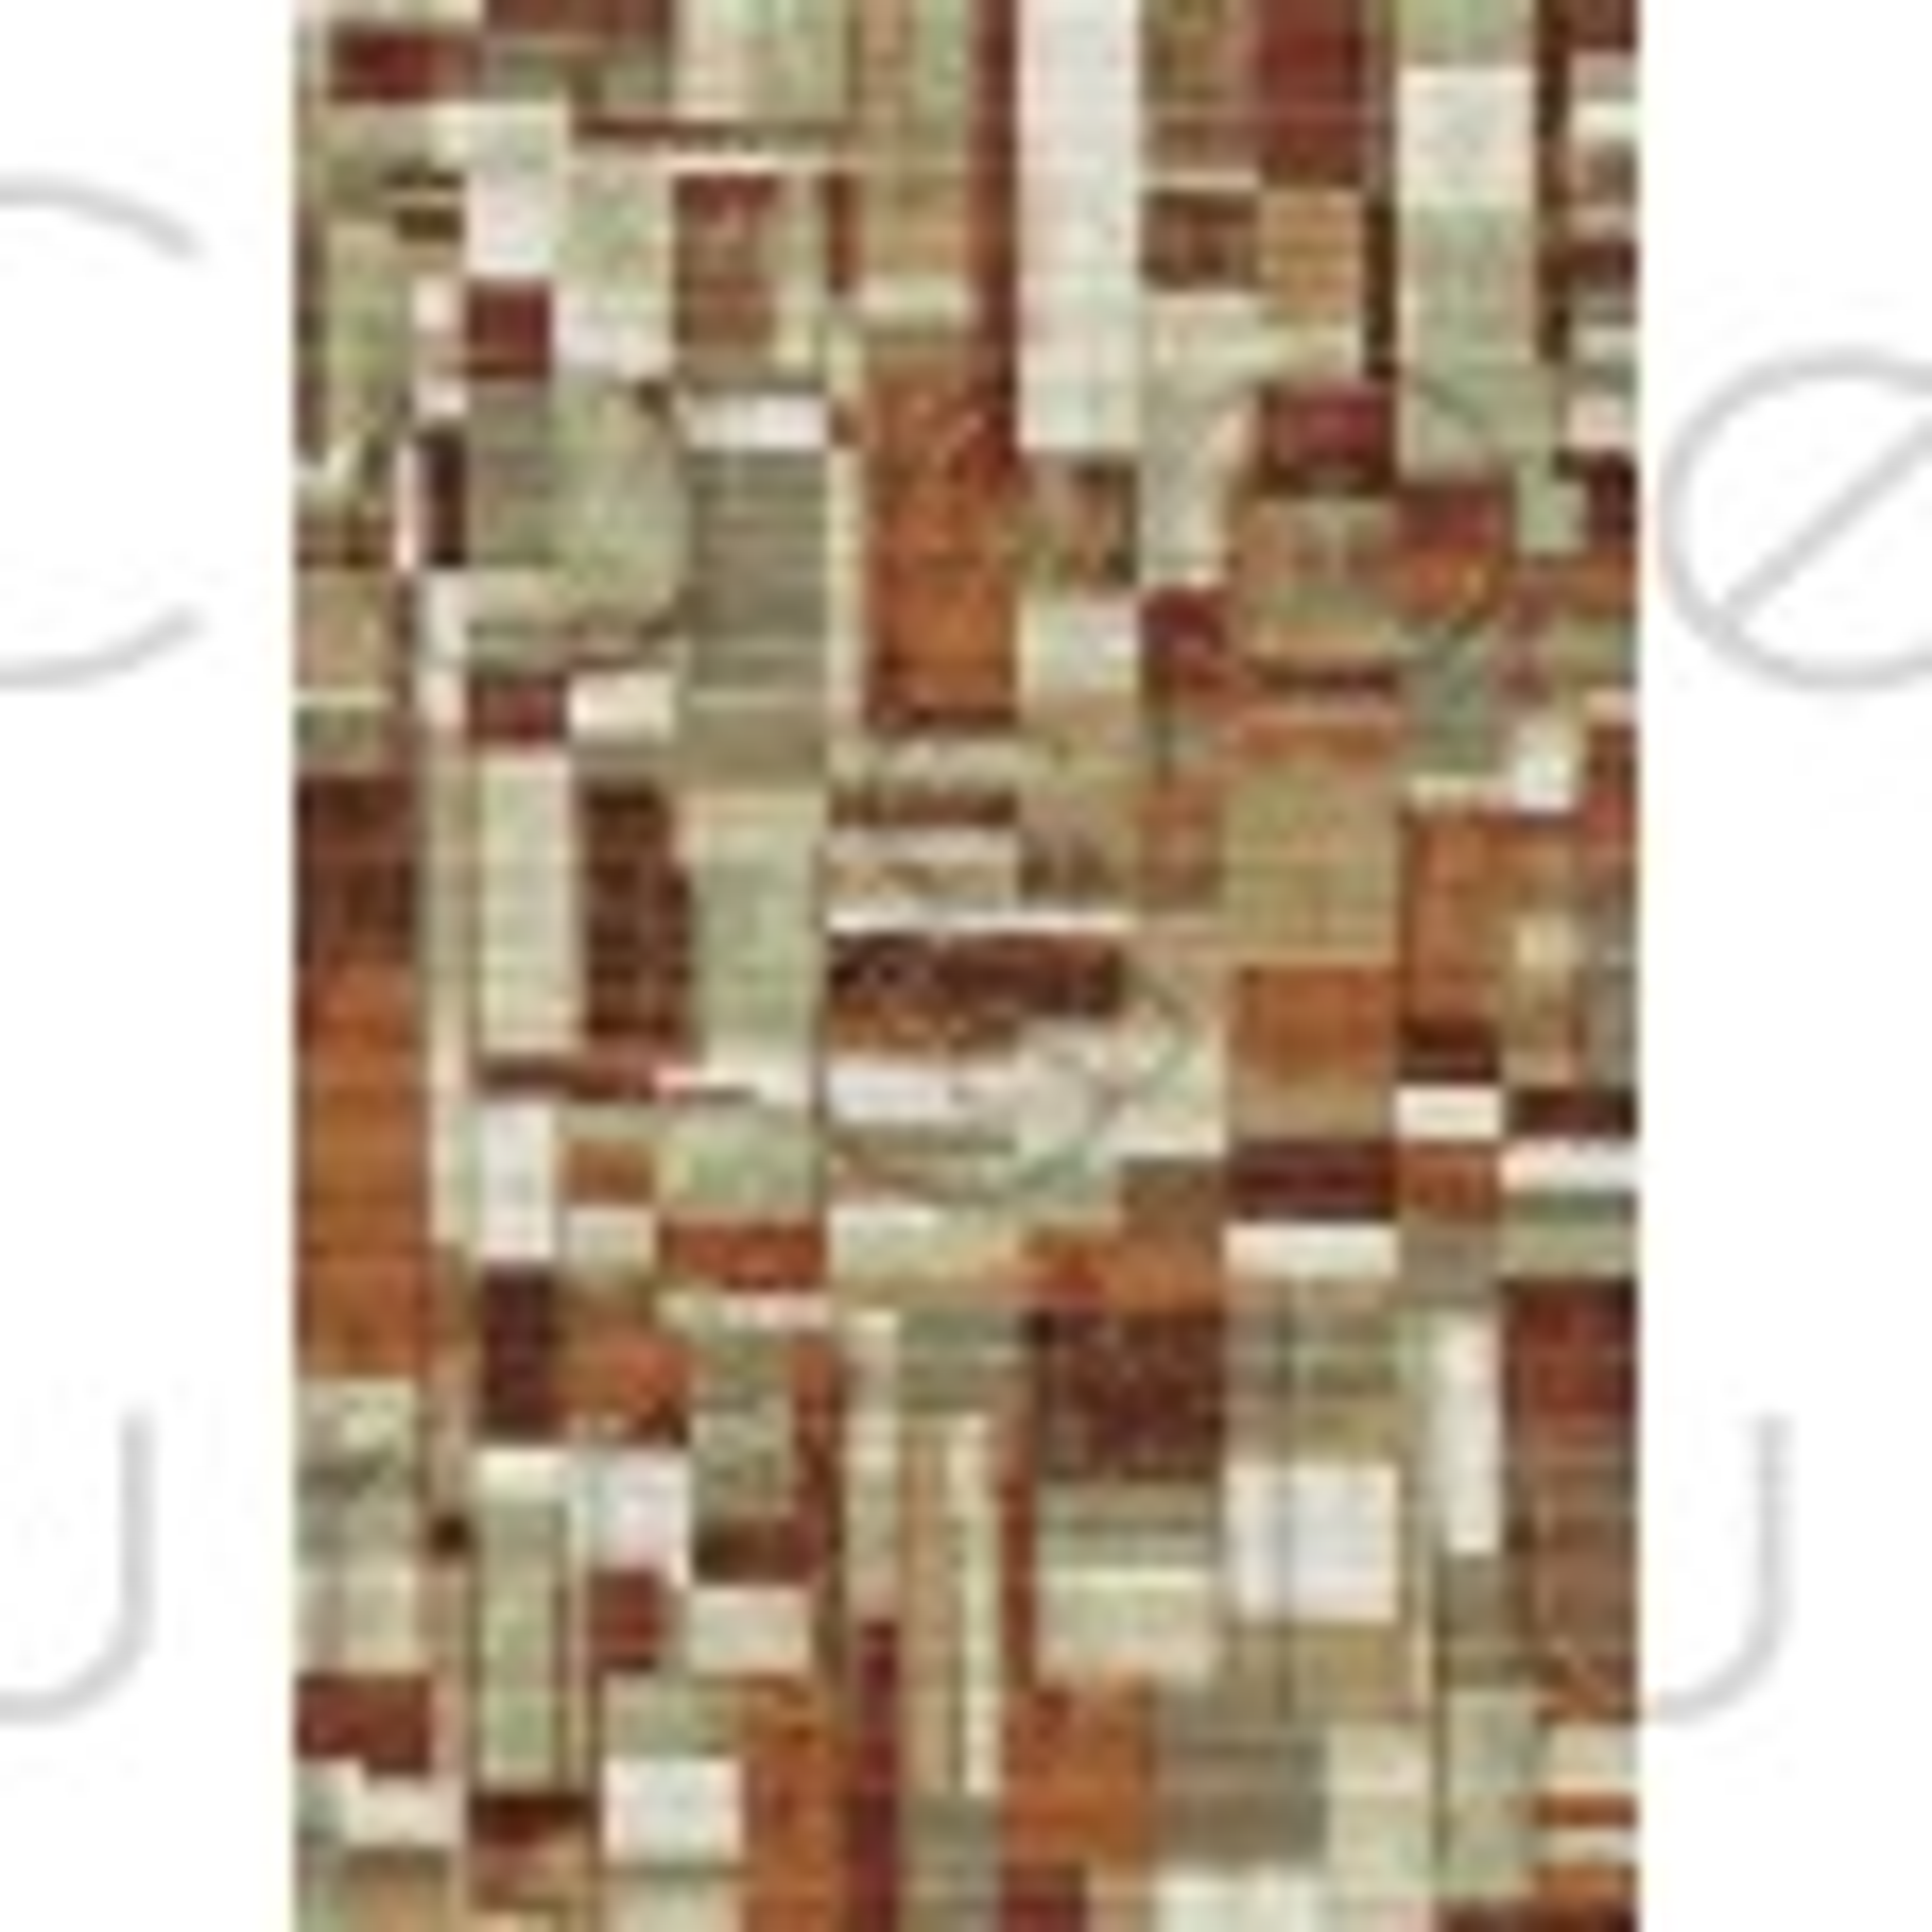 Galleria Rug - Squares 63244 6474 - Size Runner 67 x 330 cm